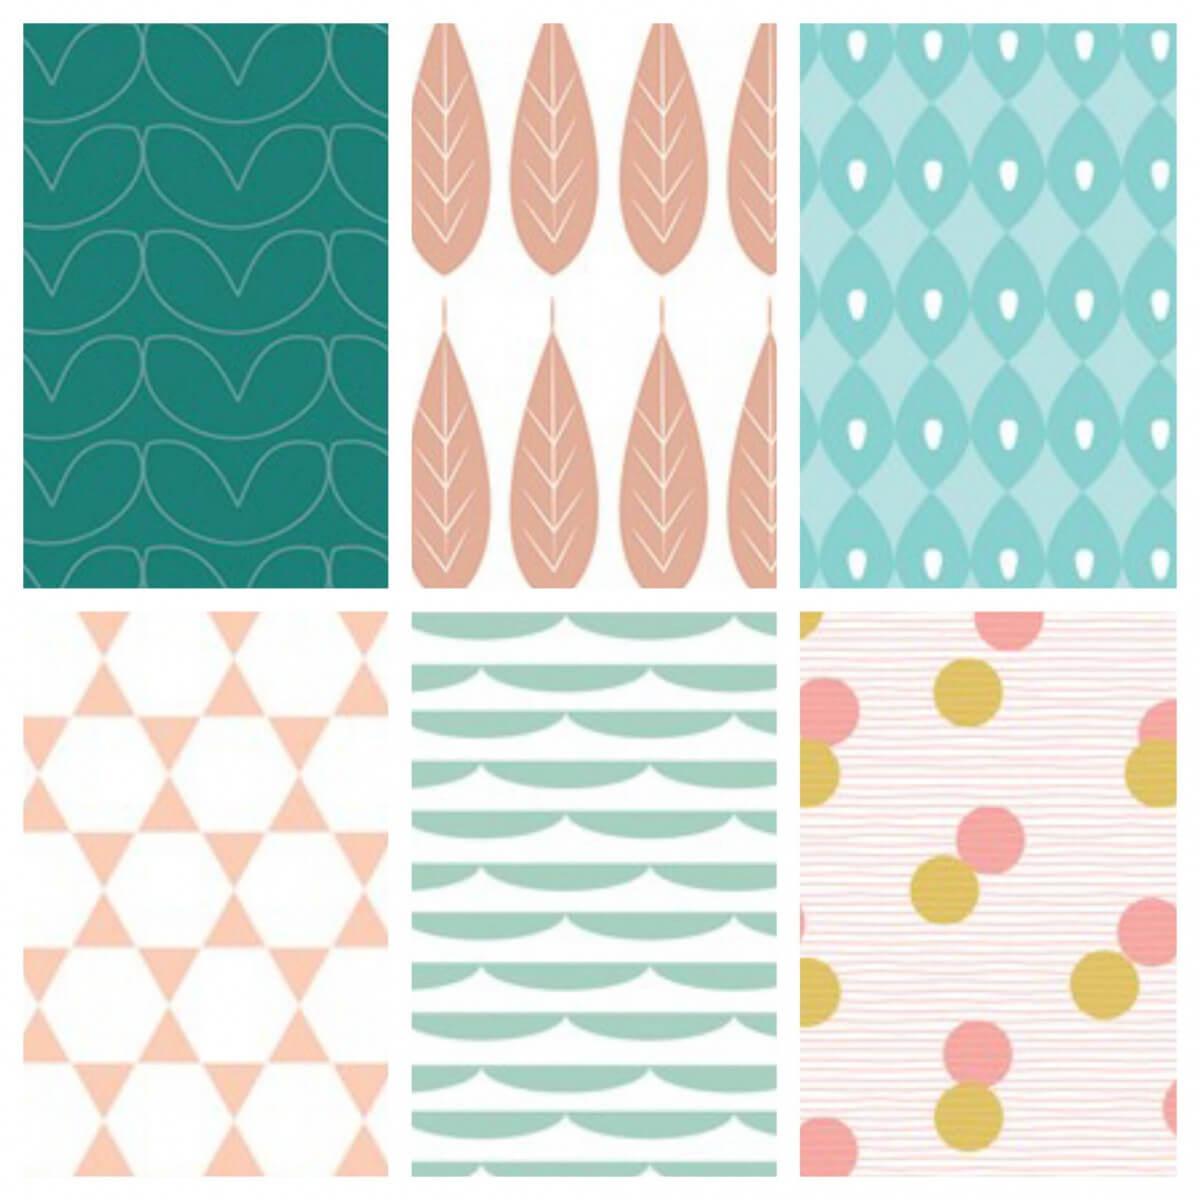 Behang en muurstickers: de leukste keuzes voor de kinderkamer – Leuk ...